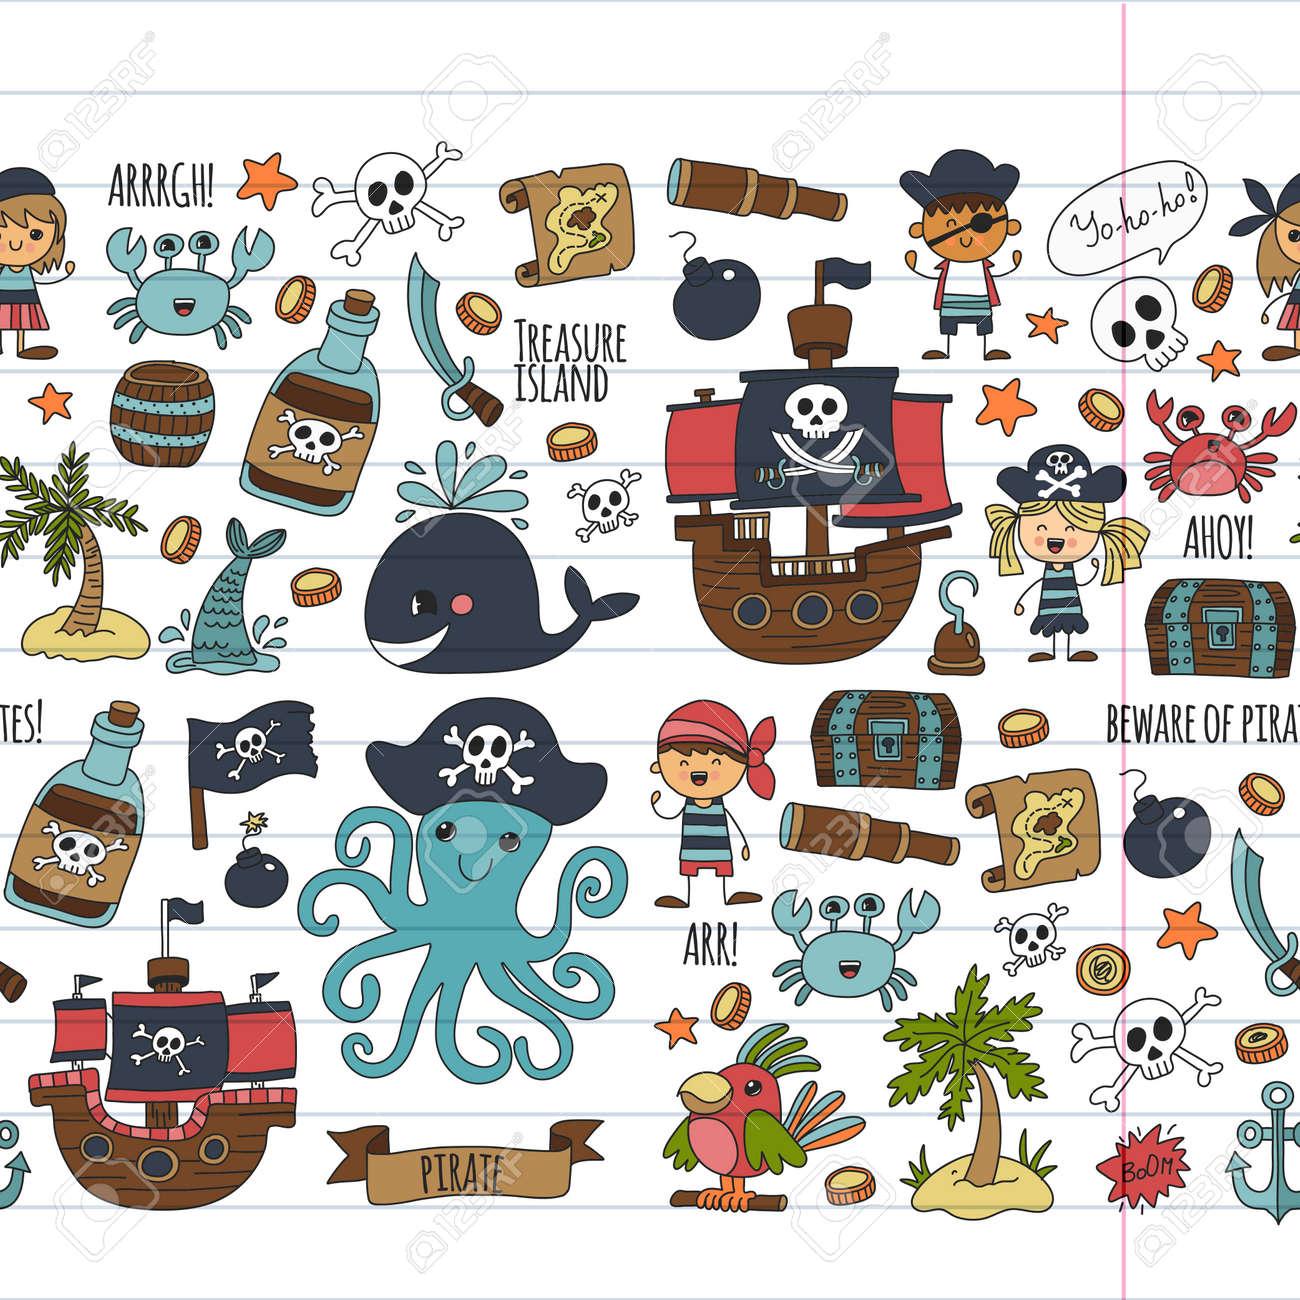 Vektor Nahtlose Muster Piraten Partei Für Kinder Kindergarten Kinder